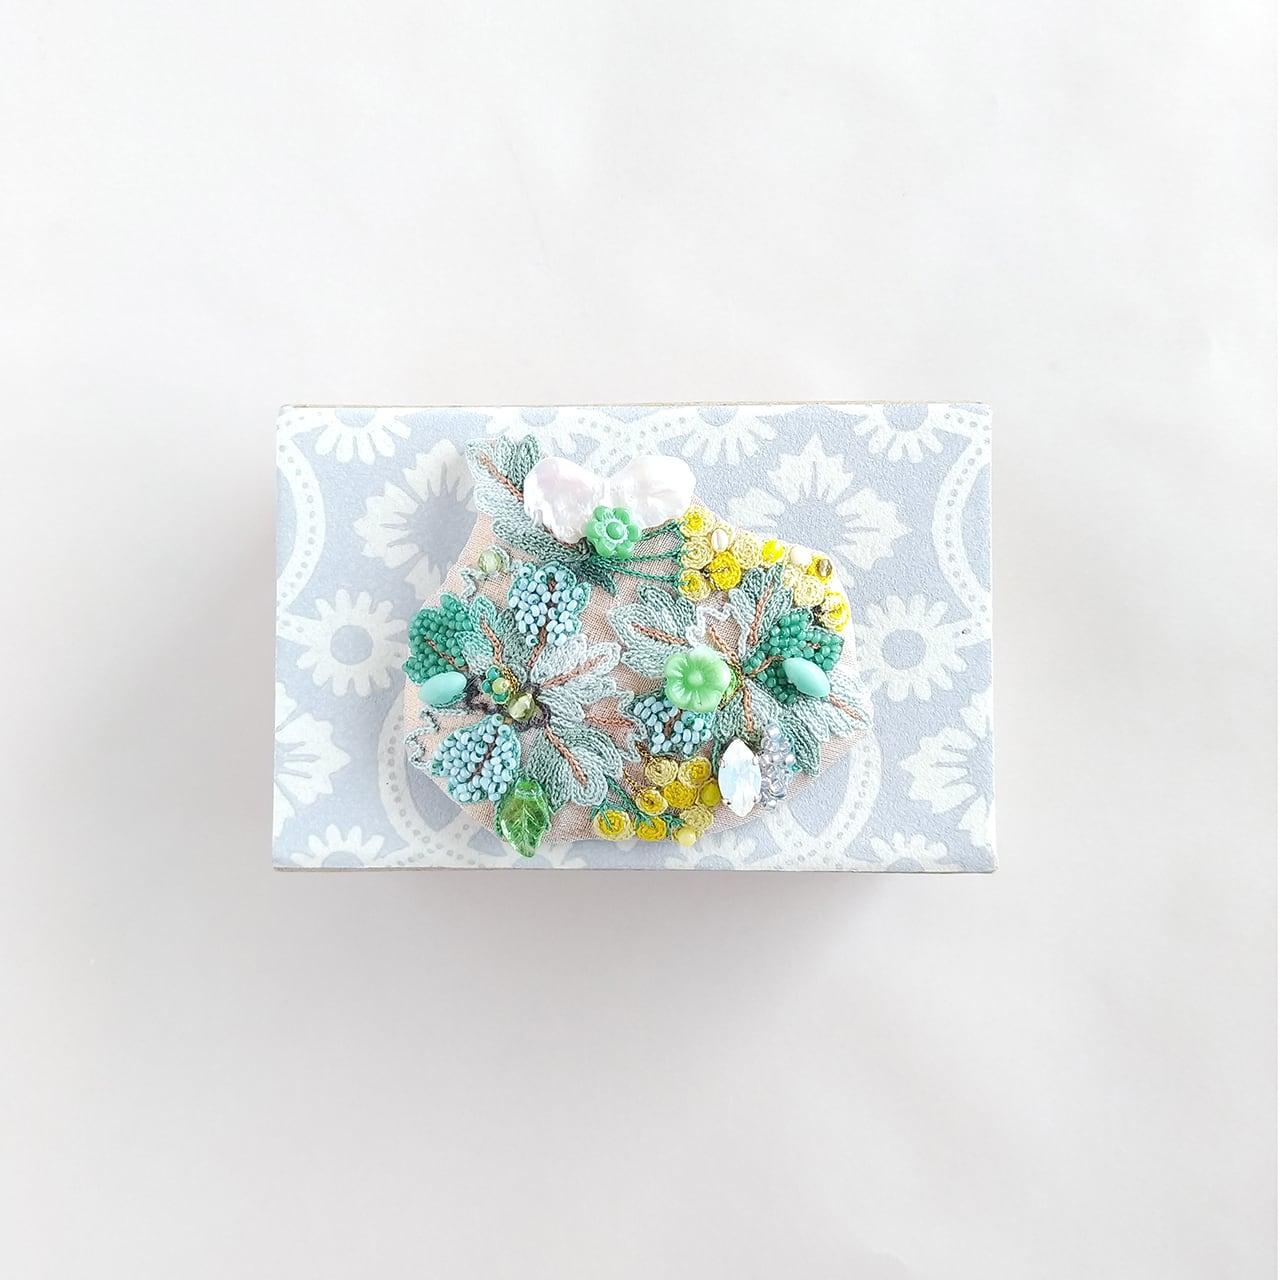 菊の葉っぱと花の集合体ブローチ